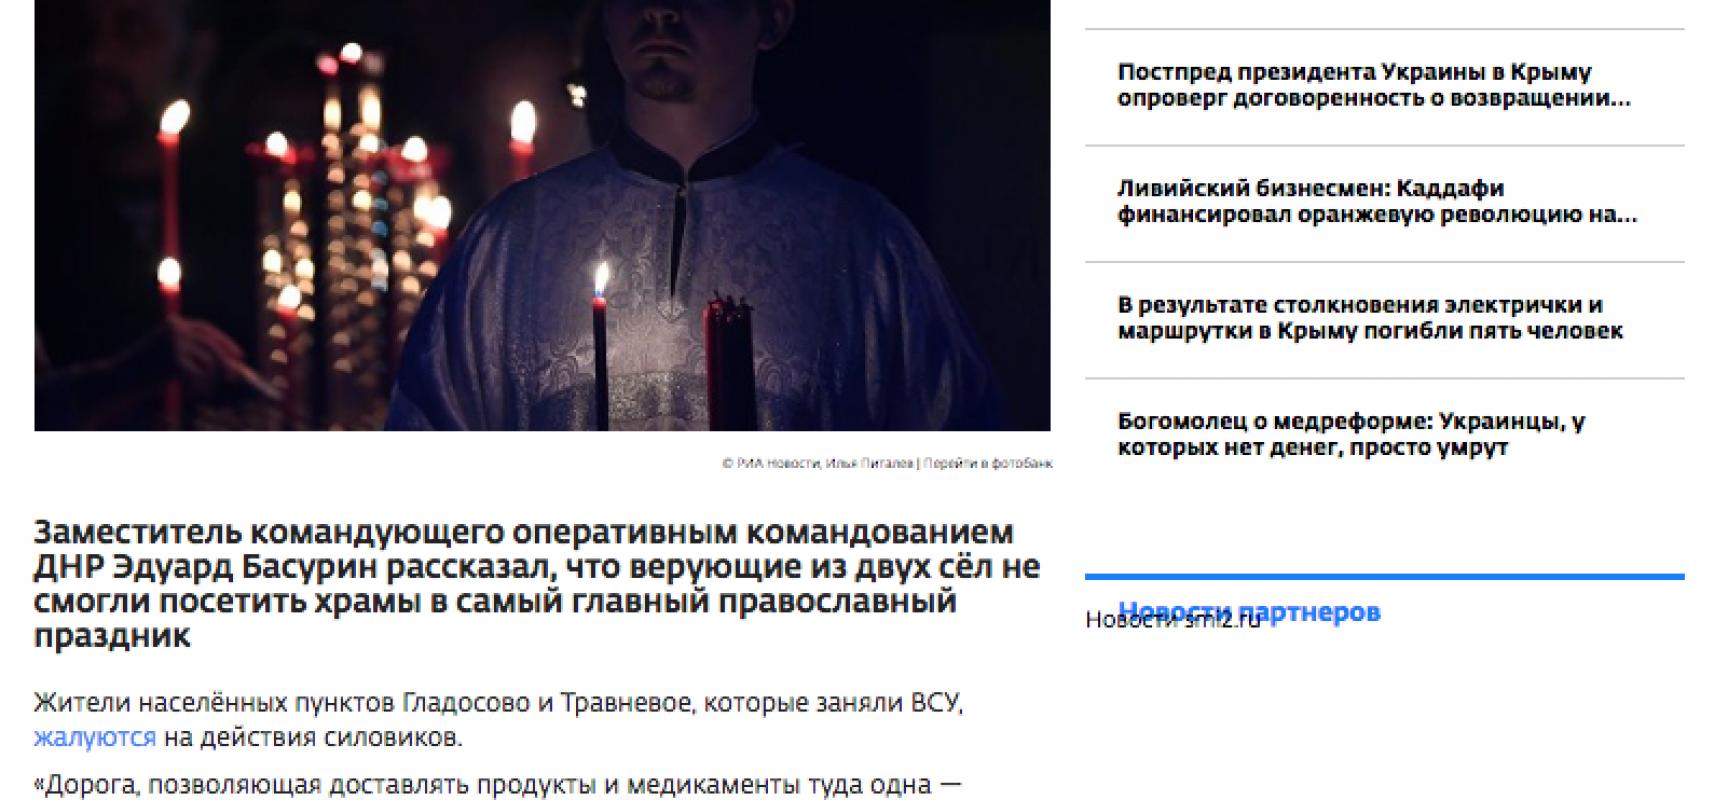 """Fake: I combattenti delle Forze armate dell'Ucraina non hanno permesso ai residenti della cosiddetta """"DNR"""" di andare alle messe di Pasqua"""